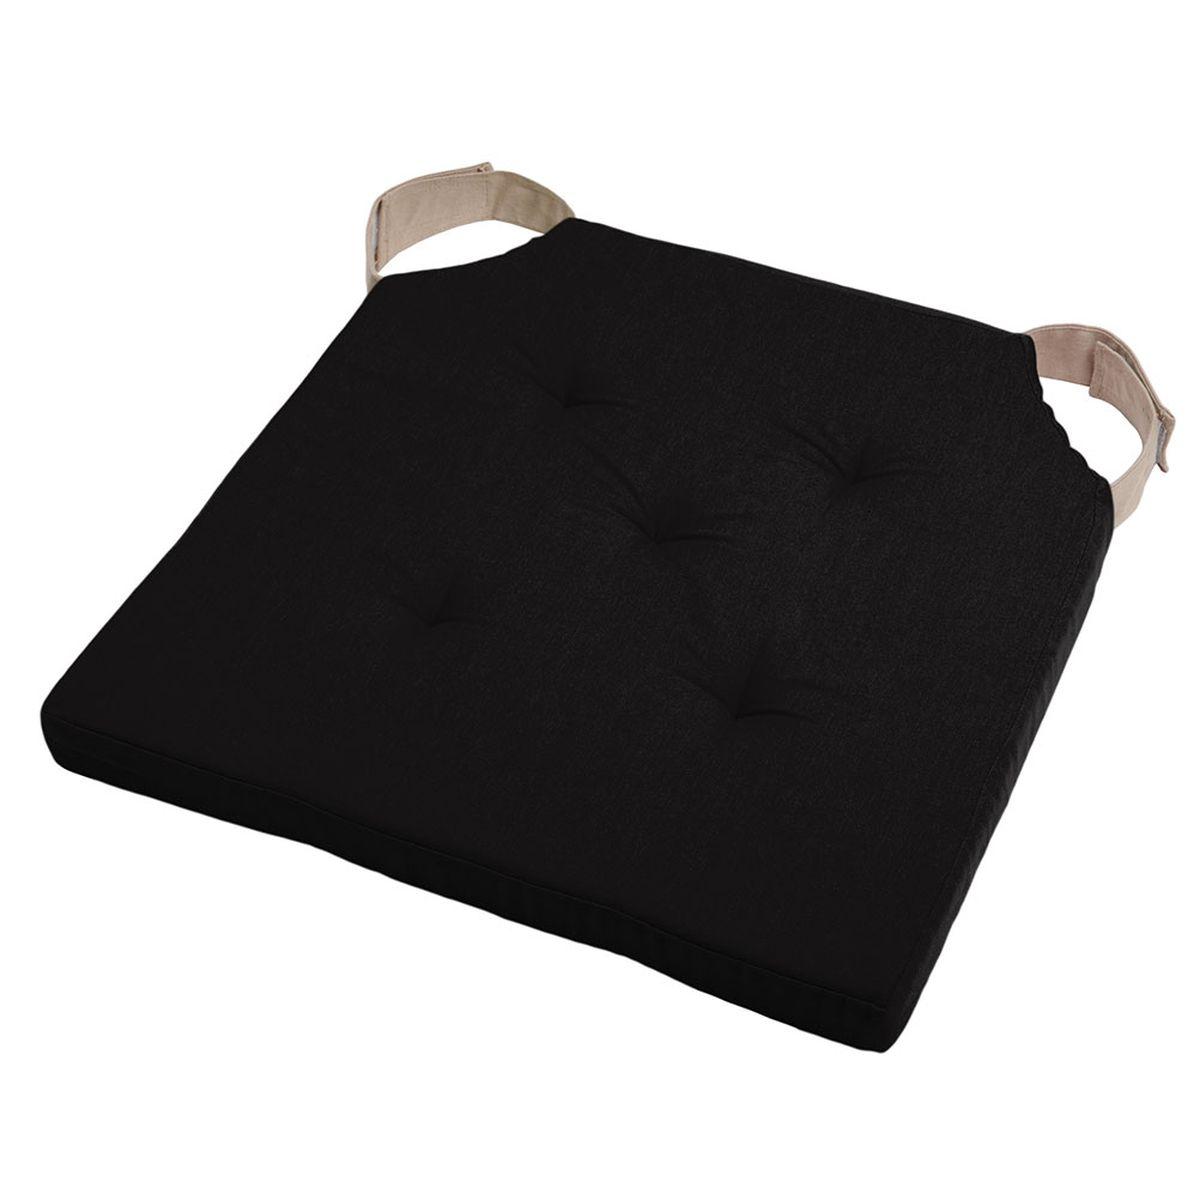 Coussin de chaise attaches scratchs noir 38x38